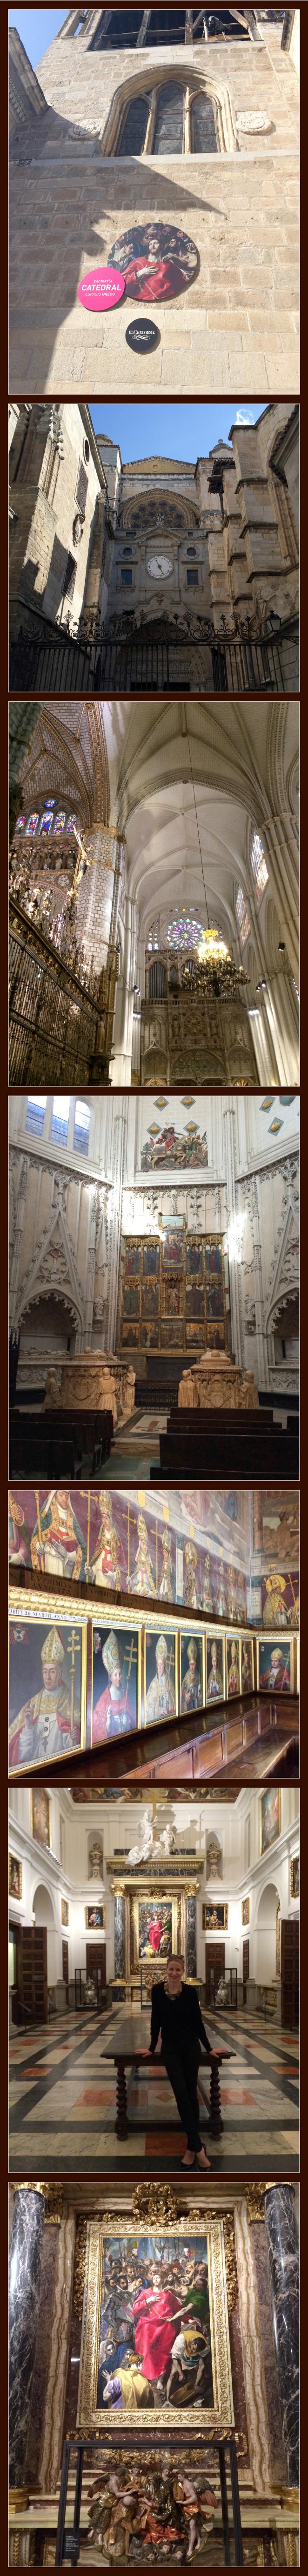 Espacio Greco 05: Sacristía de la Catedral